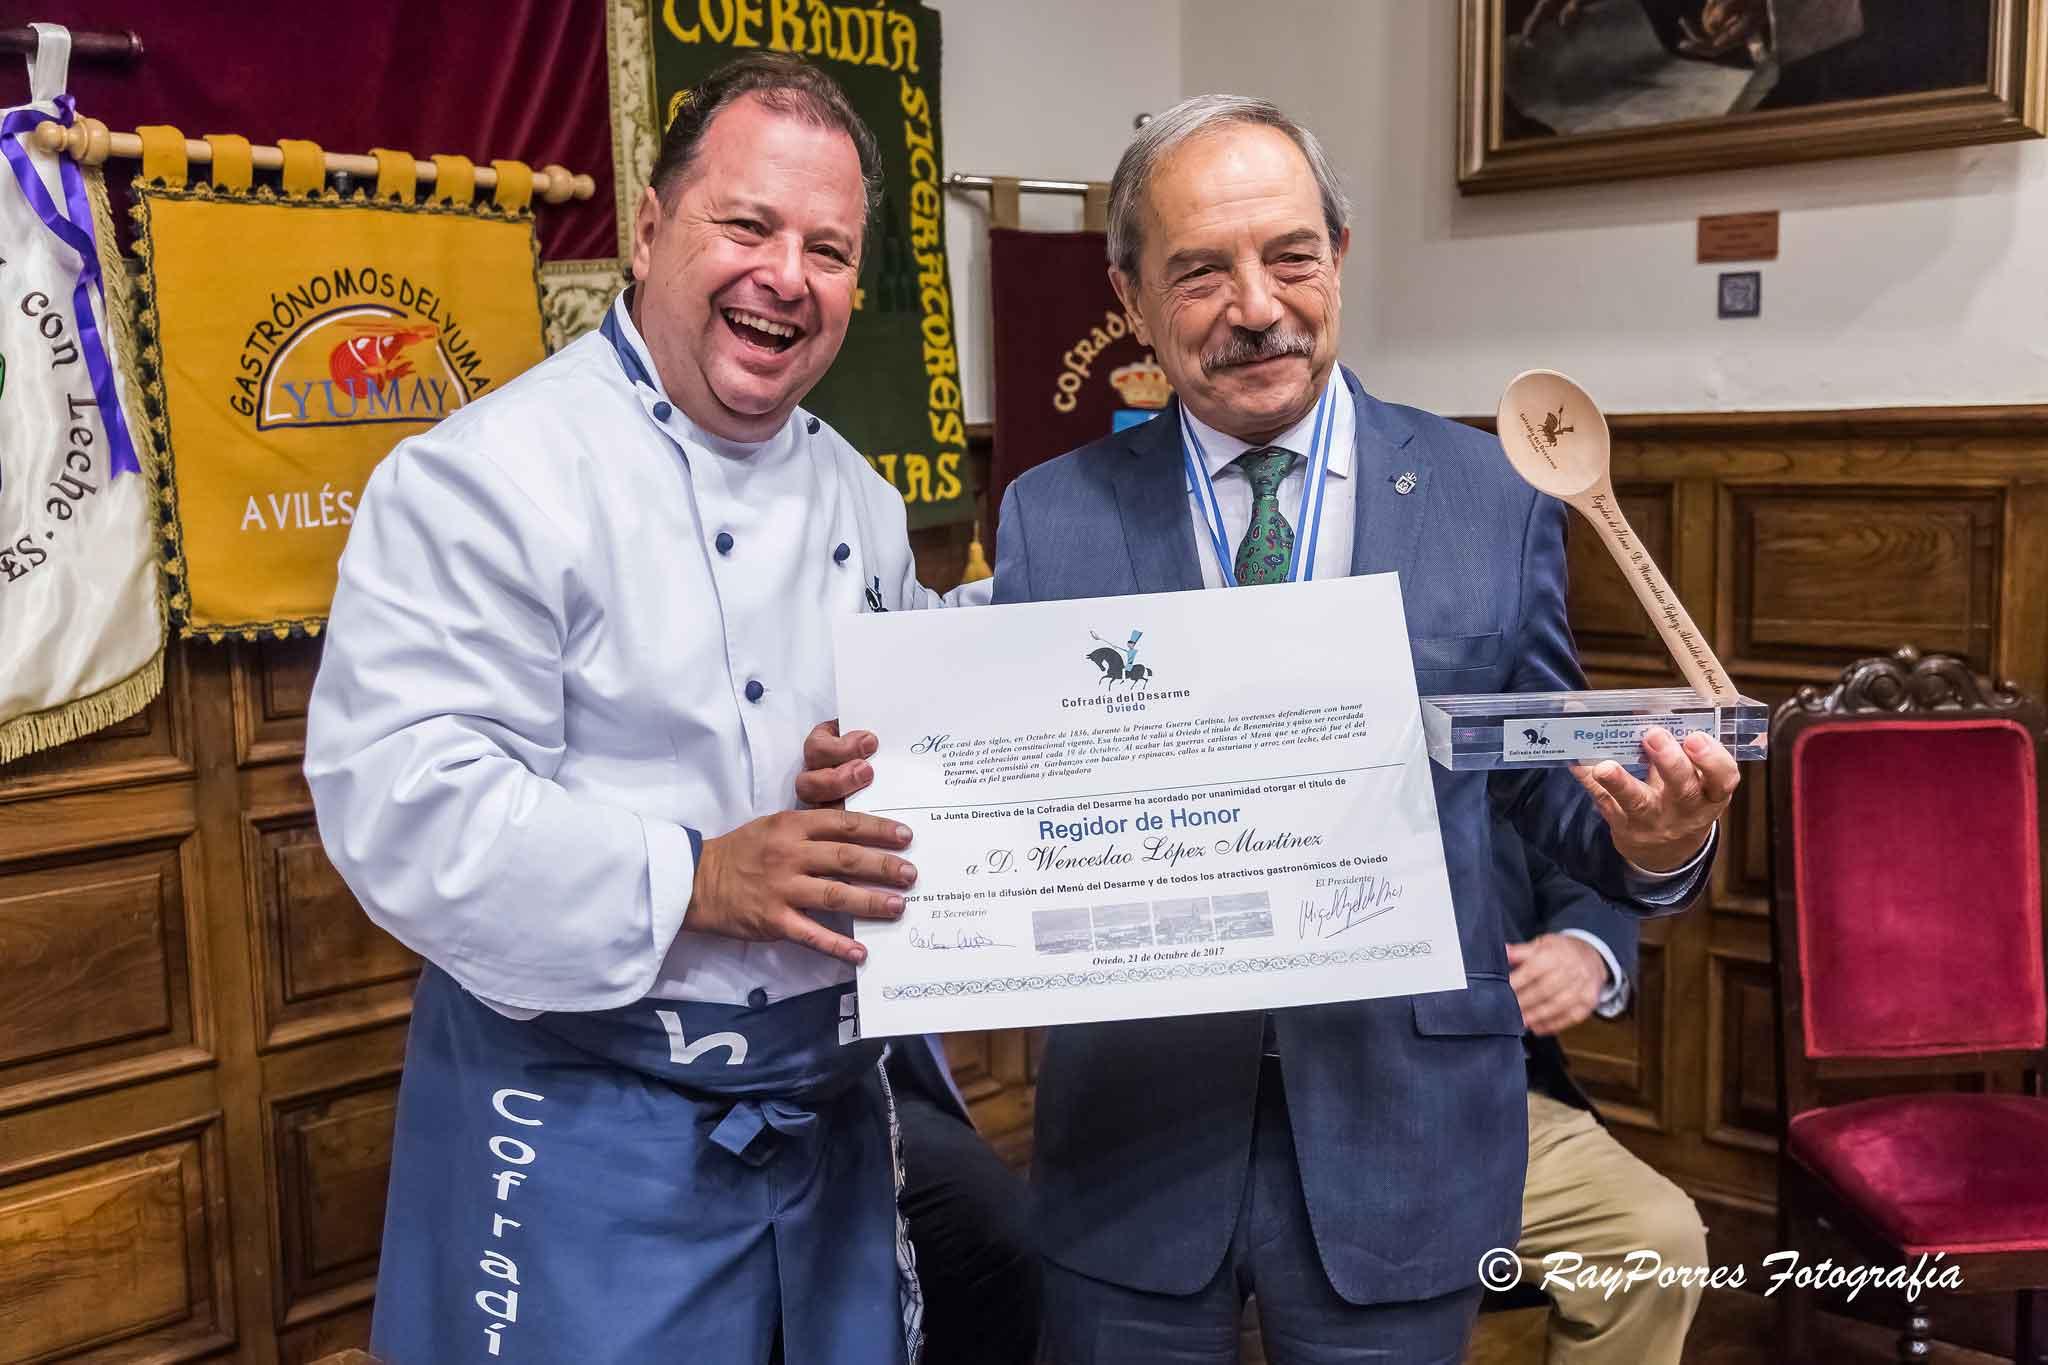 alcalde-de-oviedo-regidor-de-honor-de-la-cofradia-edl-desarme